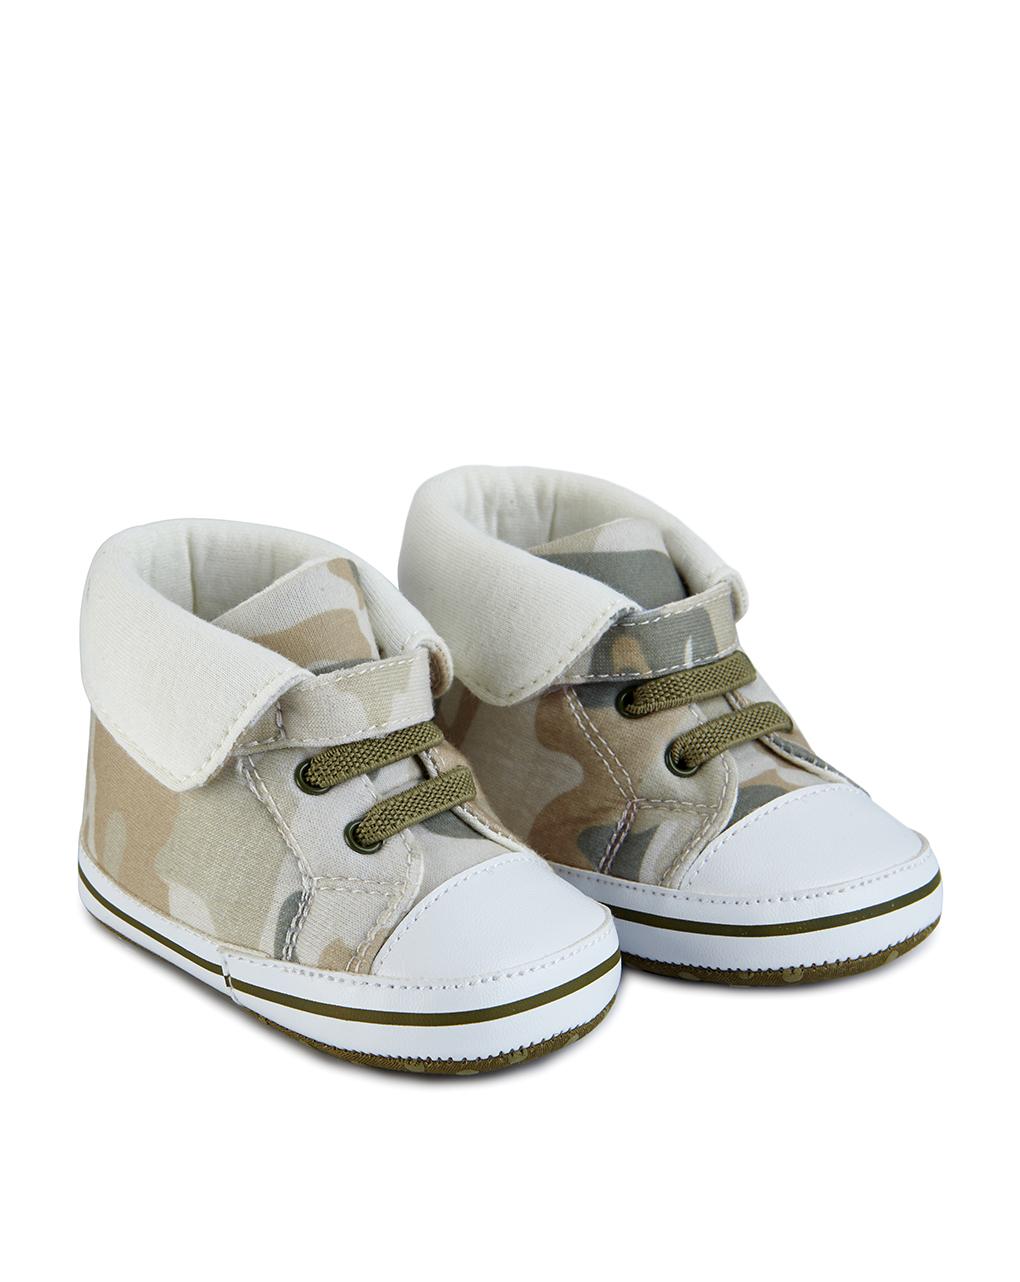 Βρεφικά Παπούτσια Αγκαλιάς από Φέλπα Εκρού Unisex